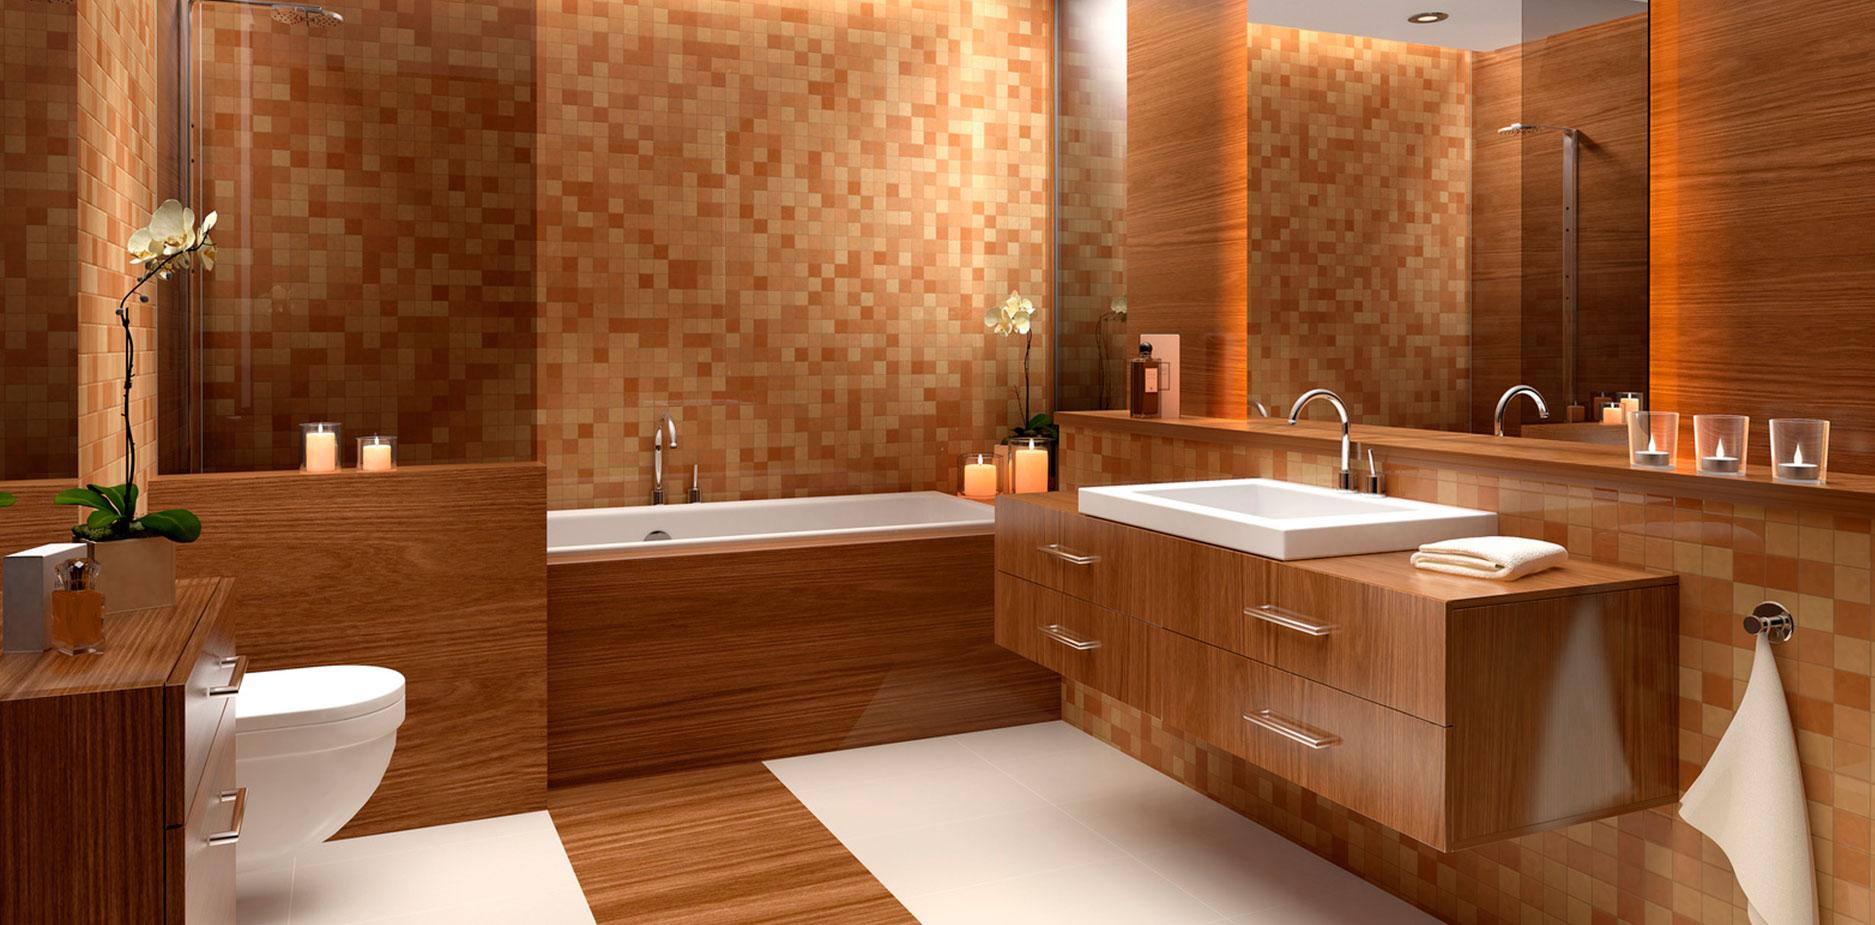 Fabrica de muebles a medidad muebles de ba o muebles for Fabrica muebles bano